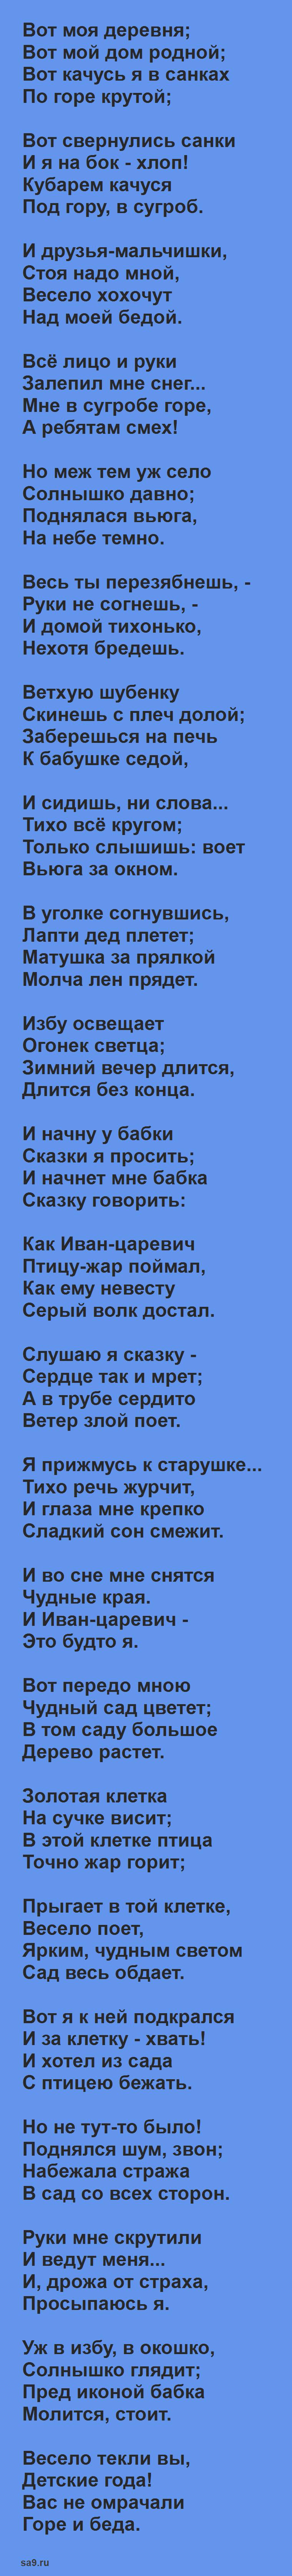 Стихи Сурикова - Детство